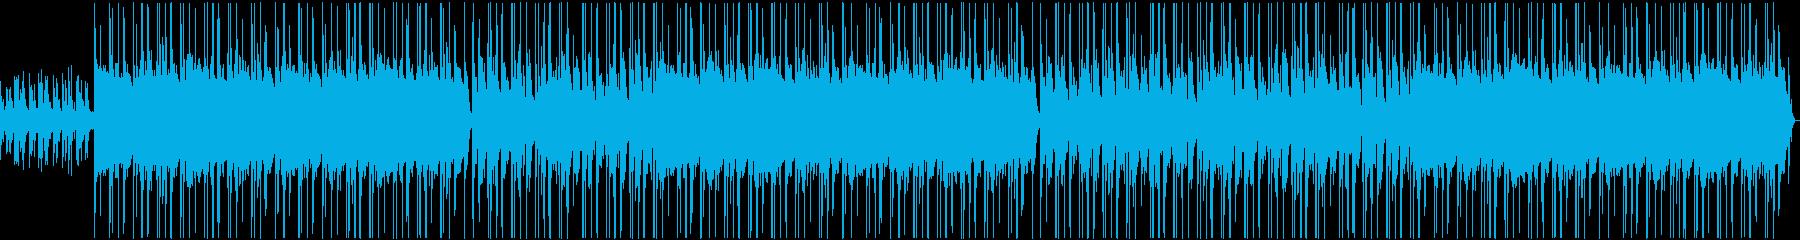 ダークでセクシー感あるナイトヒップホップの再生済みの波形